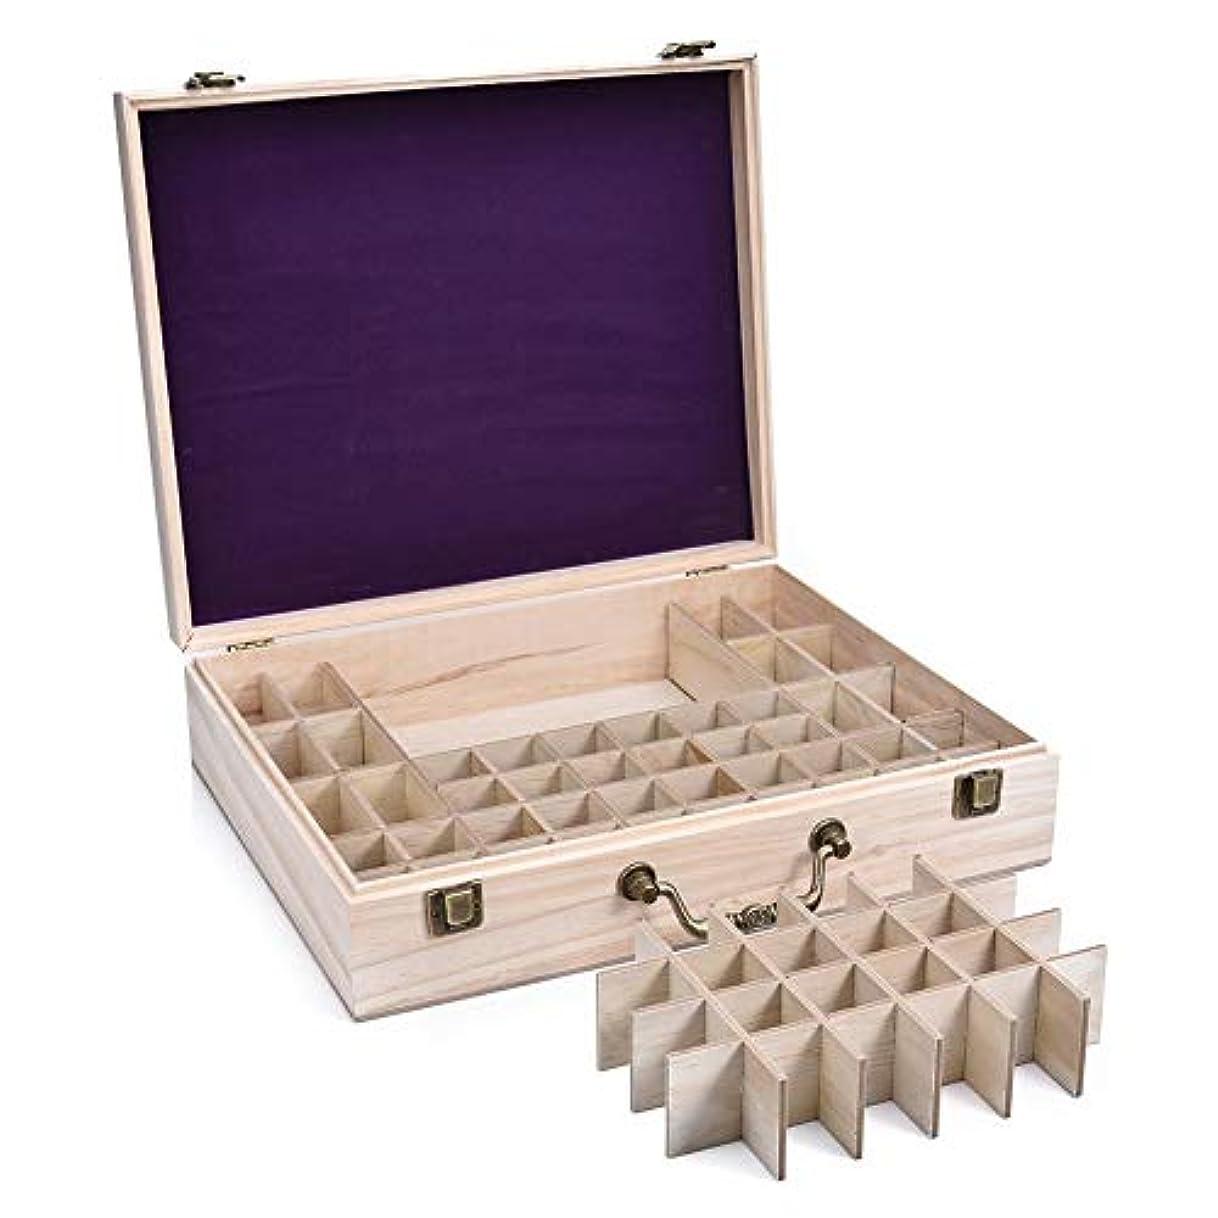 エッセンシャルオイル収納ケース 精油収納ボックス 大容量 68本収納可能 取り外し可能 木製 環境に優しい 5ml?10ml?15ml?115mlの精油ボルトに対応 junexi